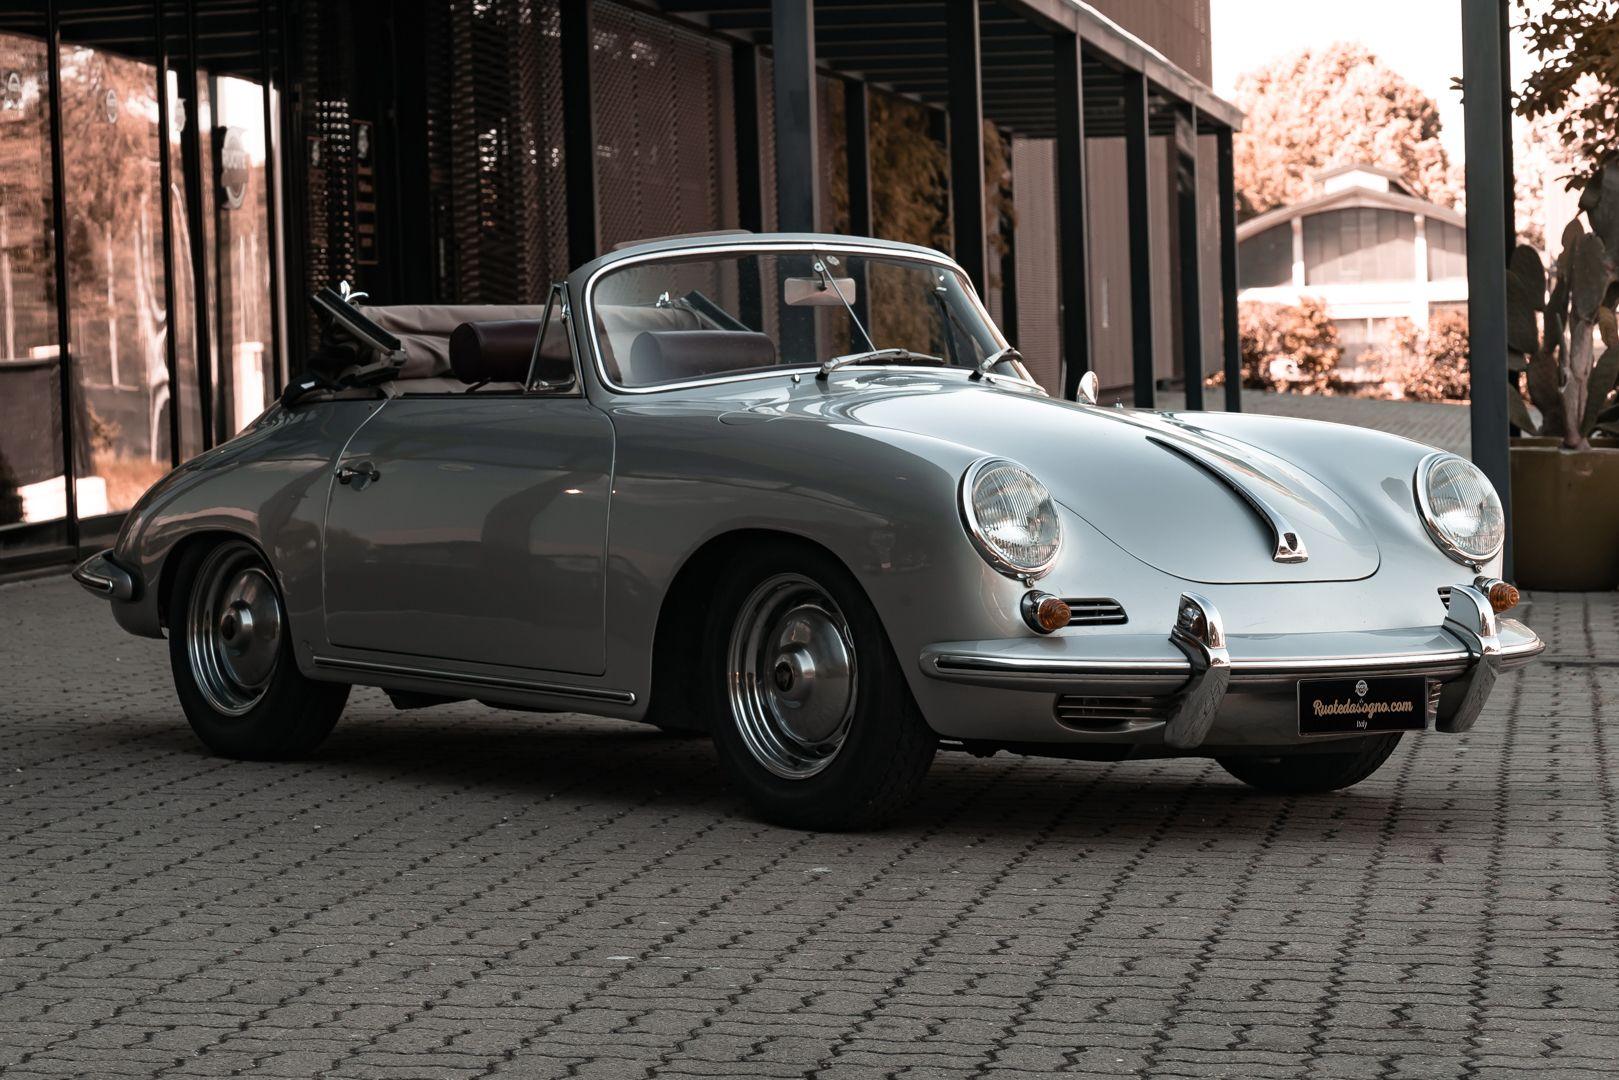 1963 Porsche 356 B 1600 S Cabriolet 76216